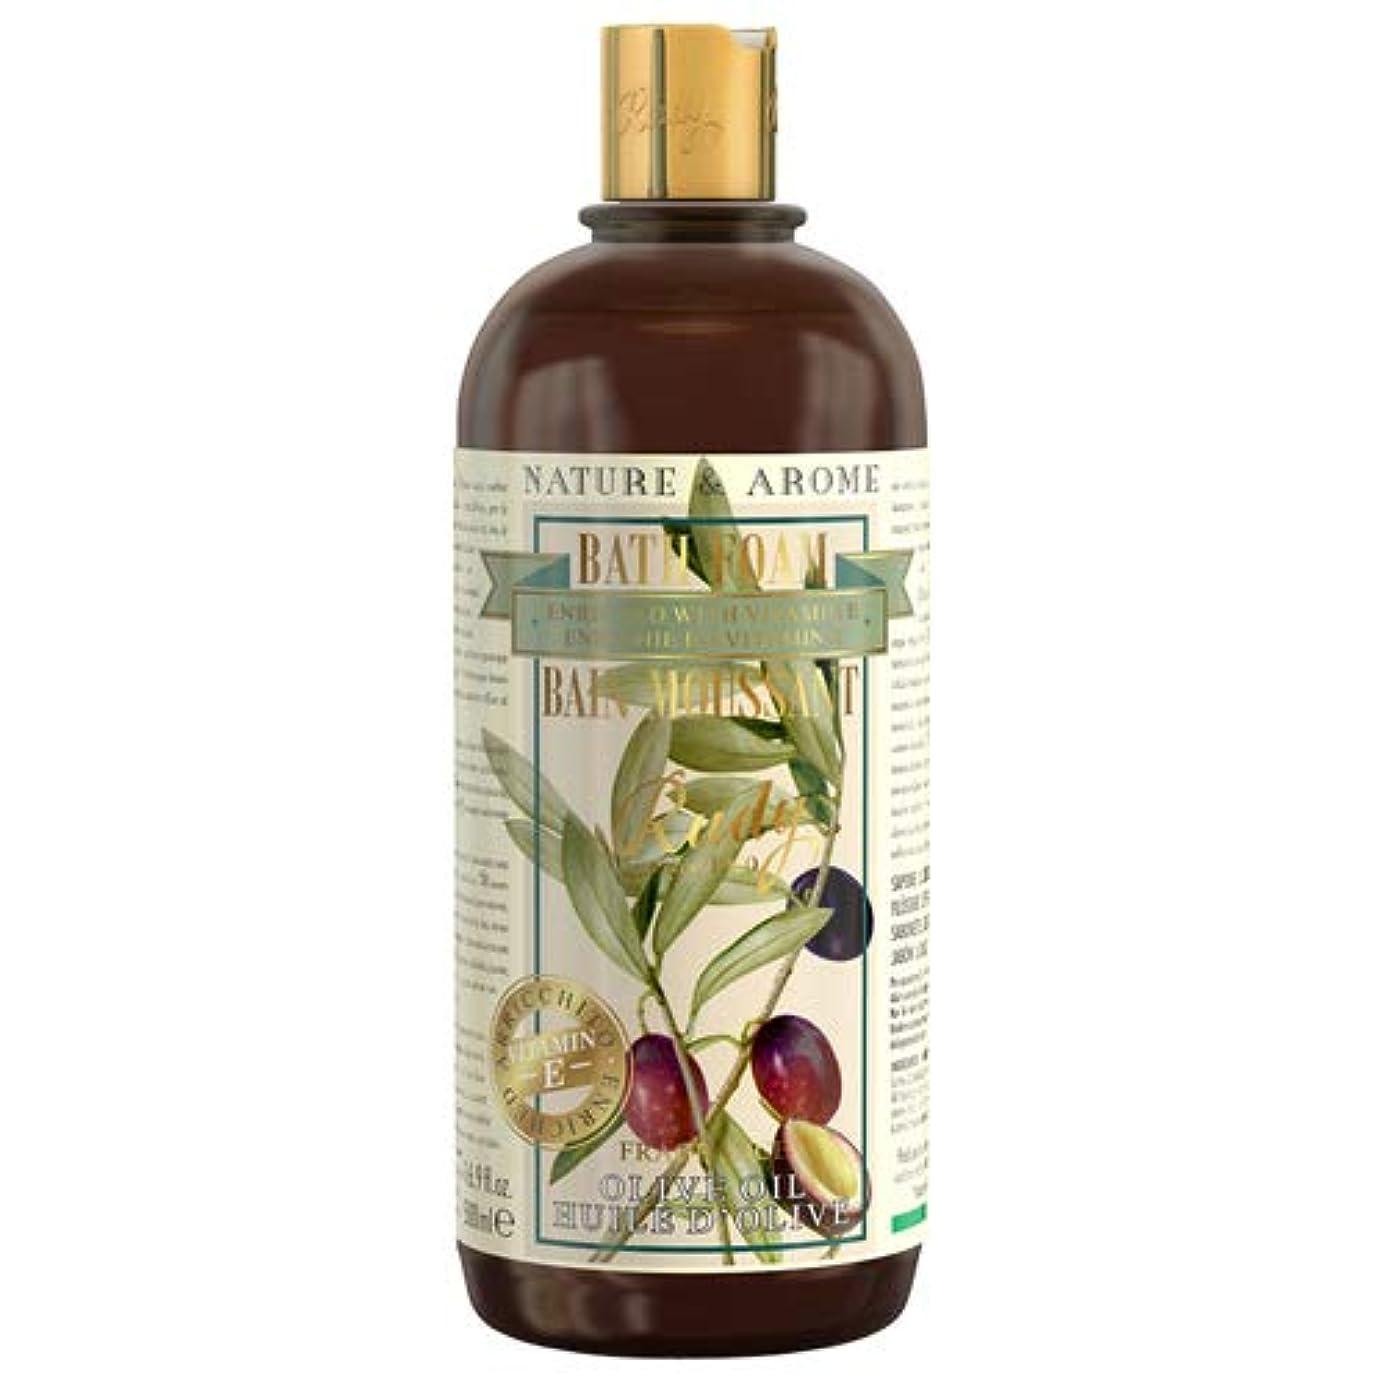 ジャンク悲劇的な空中RUDY Nature&Arome Apothecary ネイチャーアロマ アポセカリー Bath & Shower Gel バス&シャワージェル Olive Oil オリーブオイル